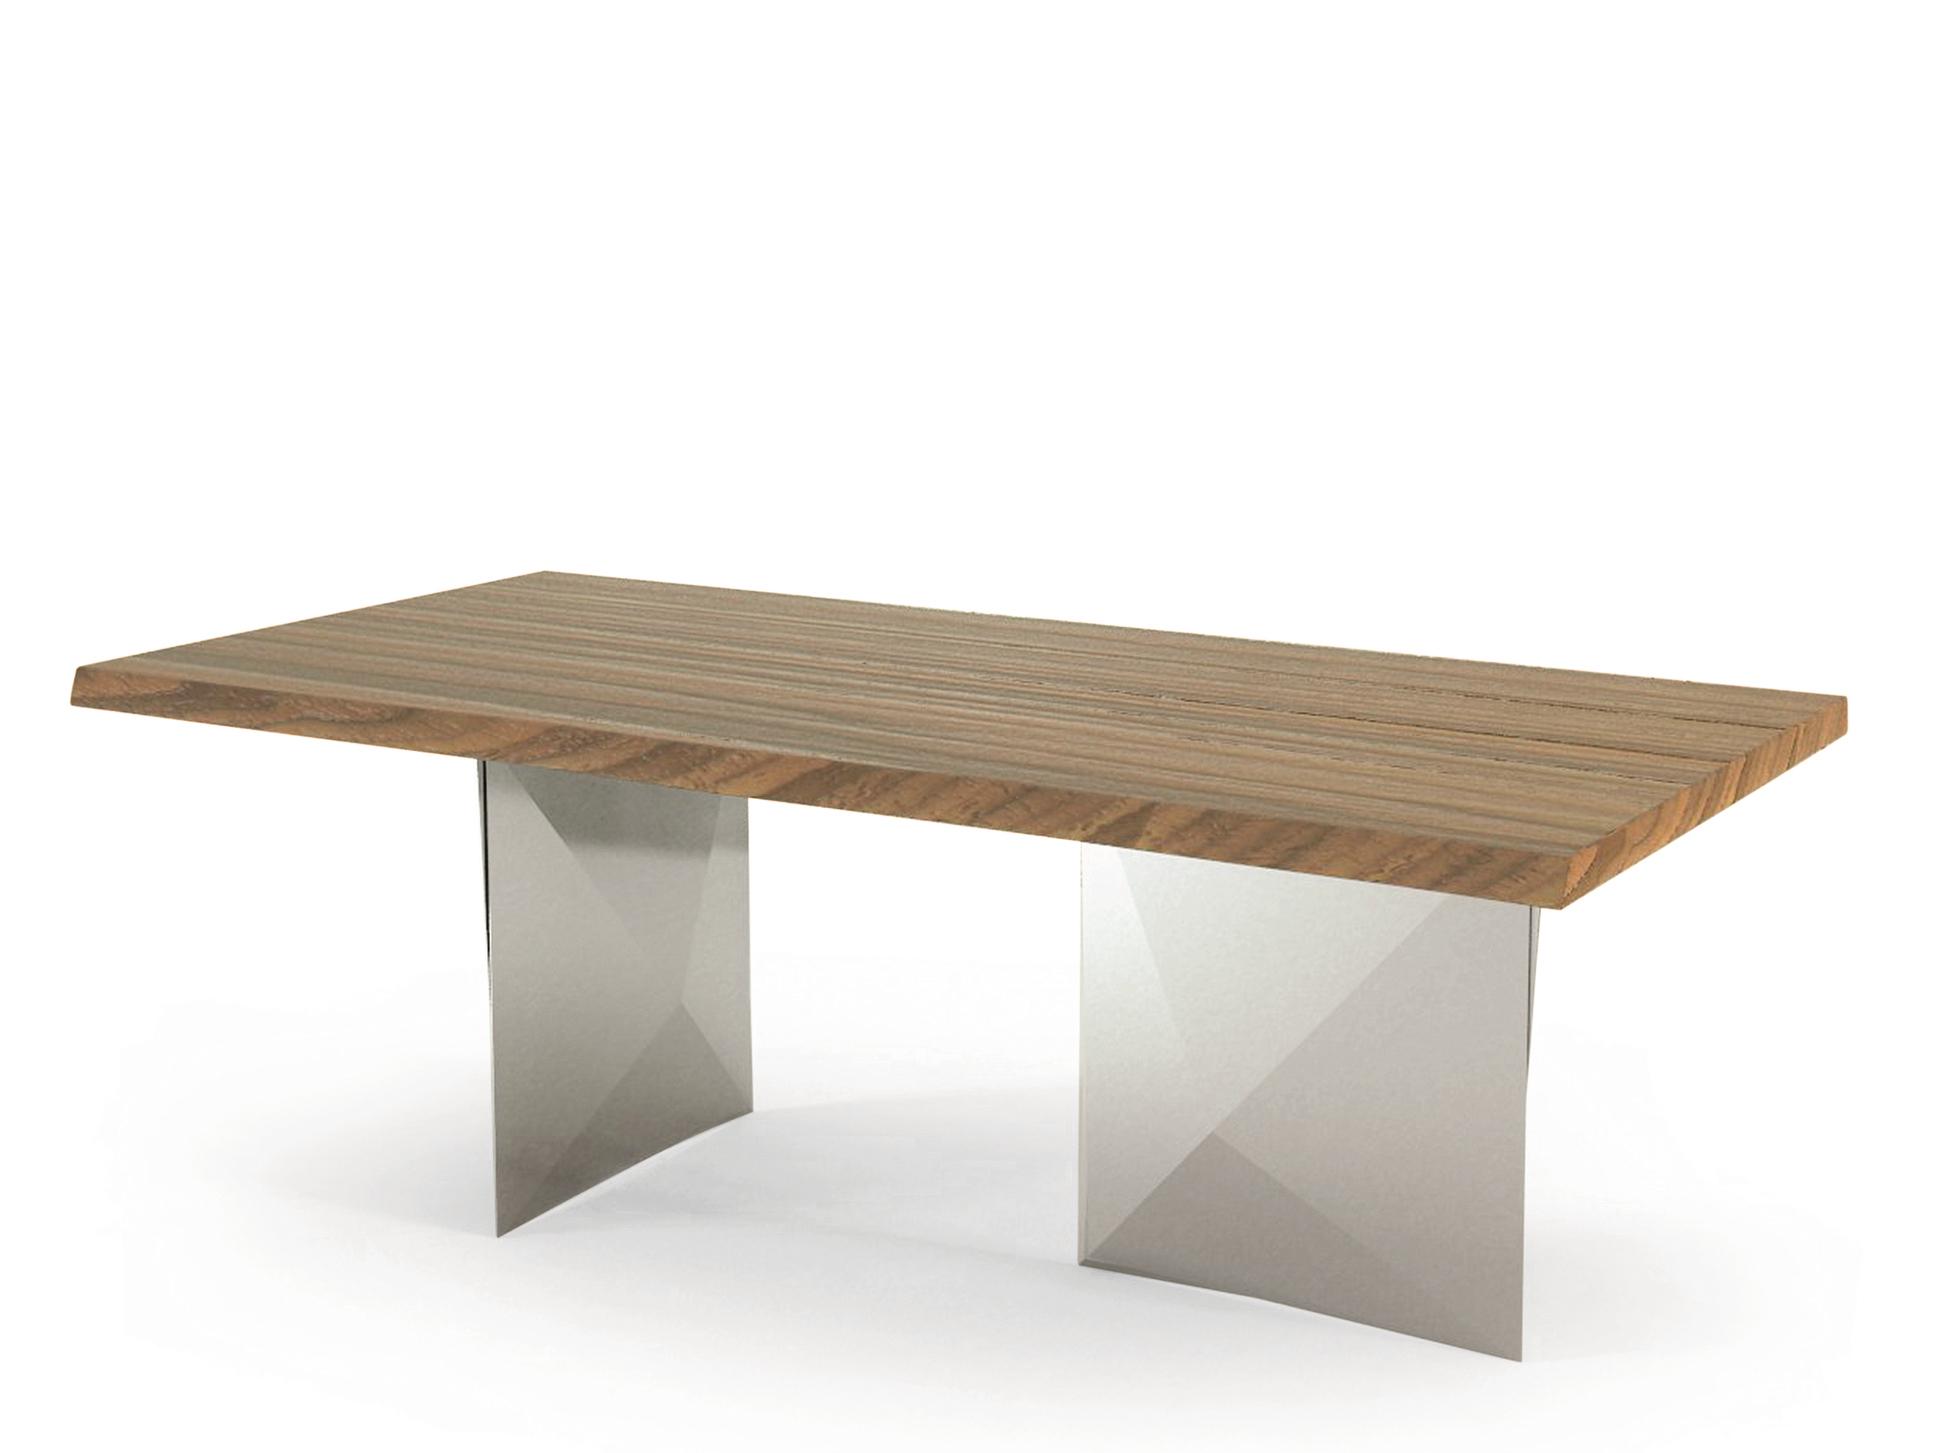 Consolle tavoli riflessi consolle allungabili tavoli for Tavolo acciaio design